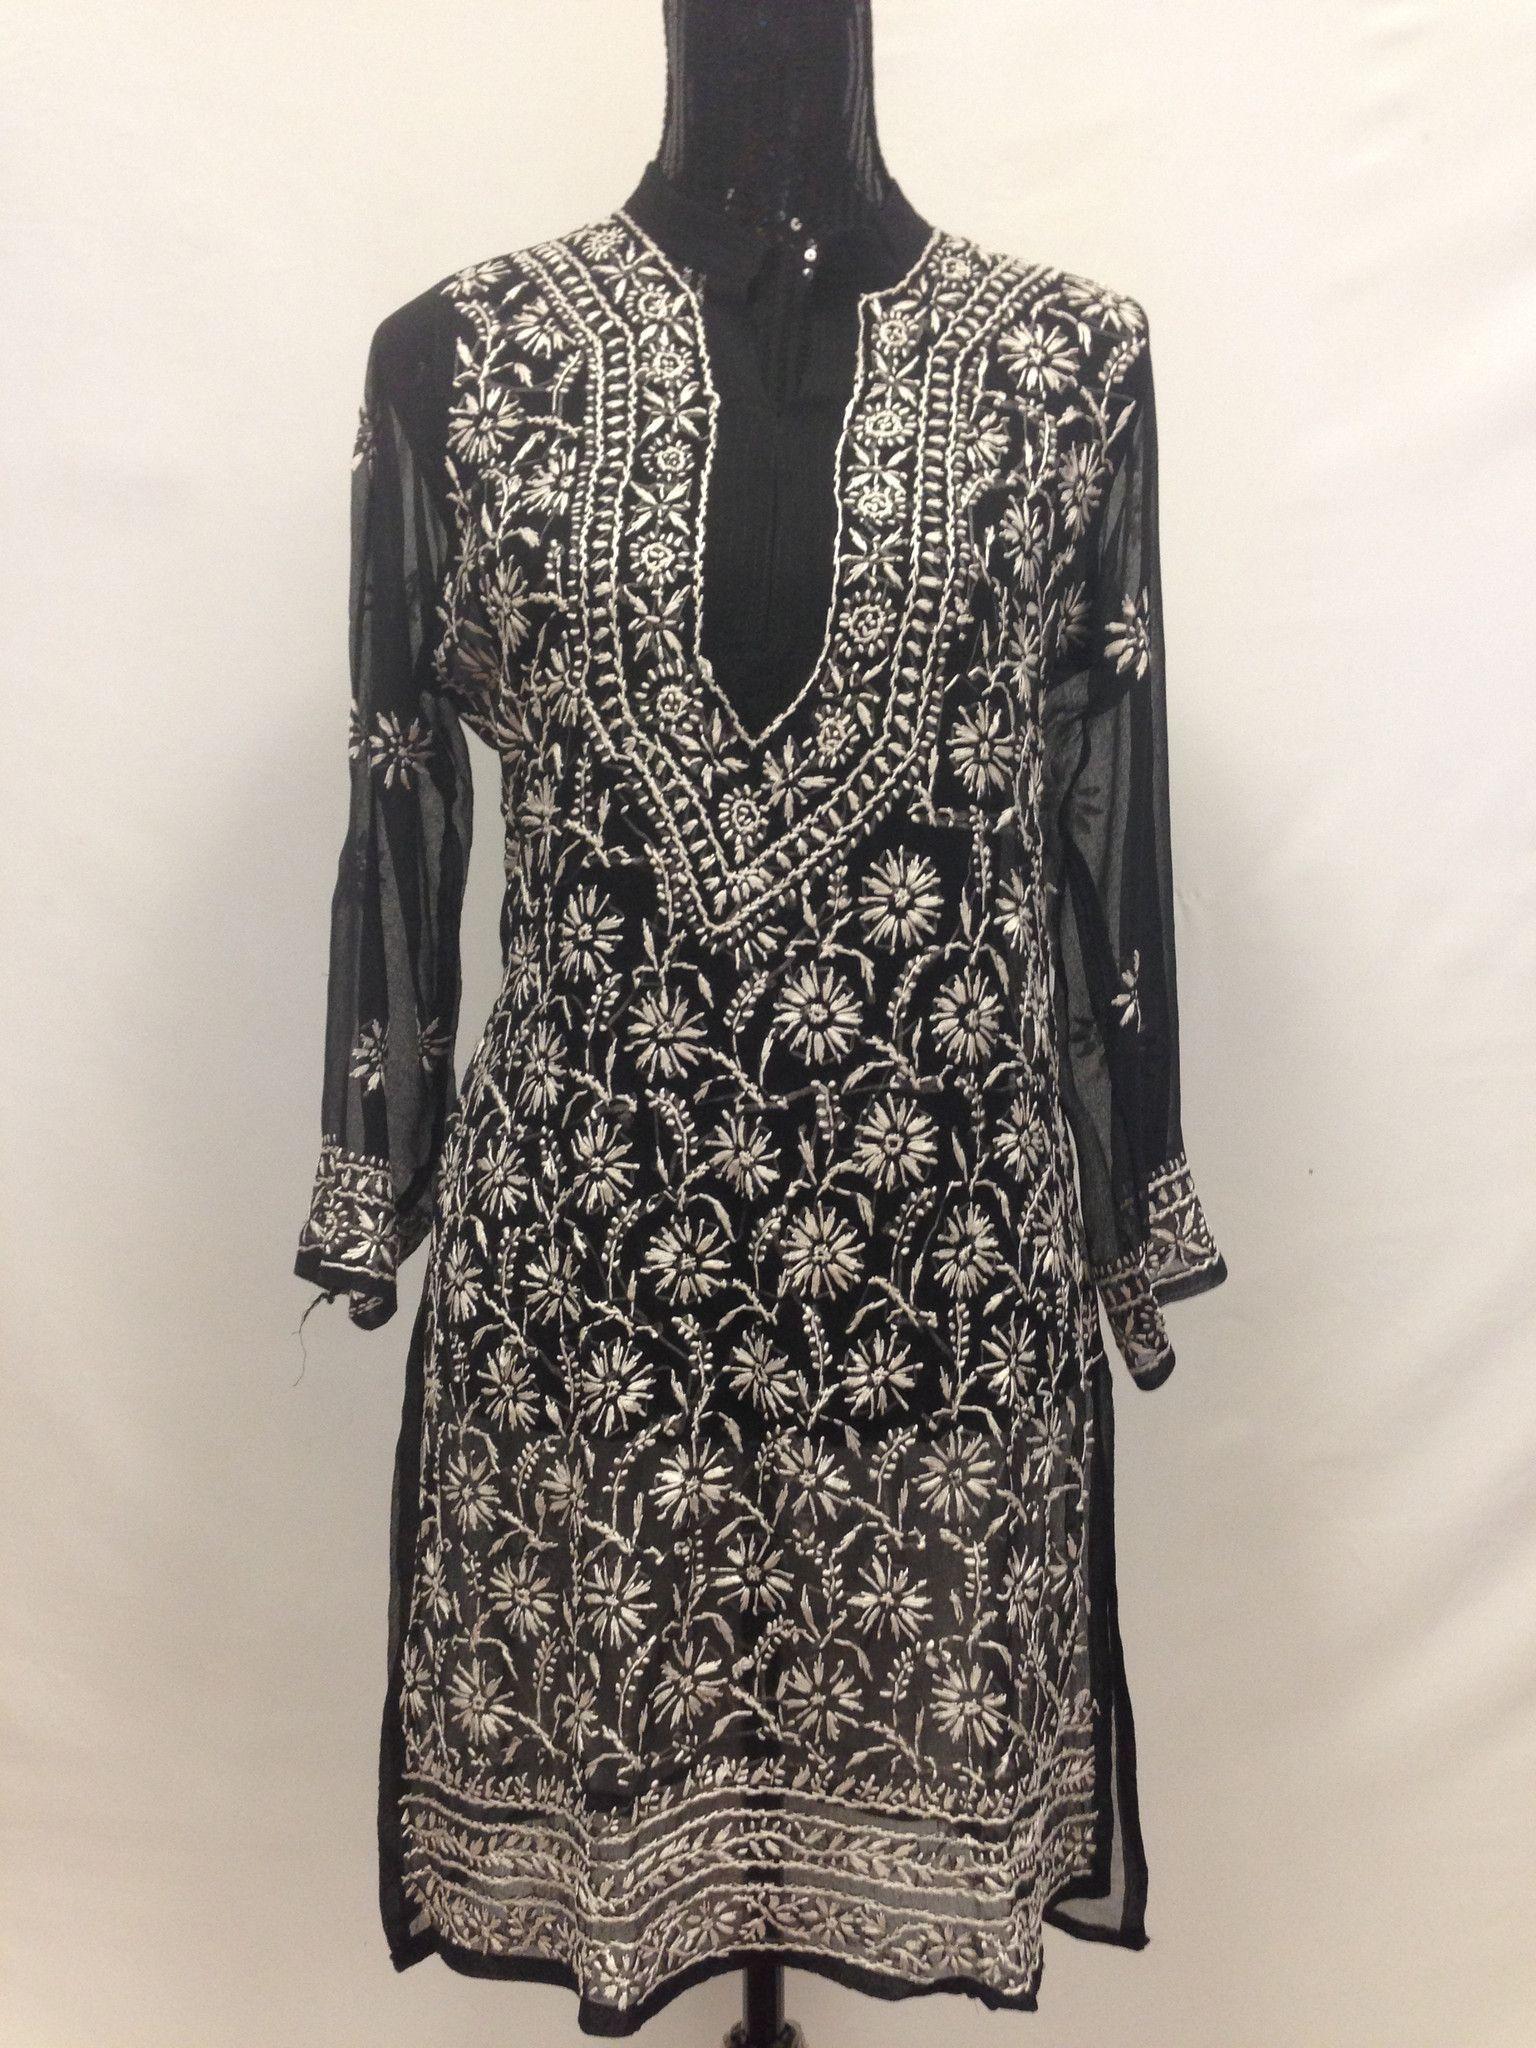 b59f741ab86 Lucknowi Embroidery Long Kurti - Black & White Lucknowi Kurta, Kurti, Women  Tunic,